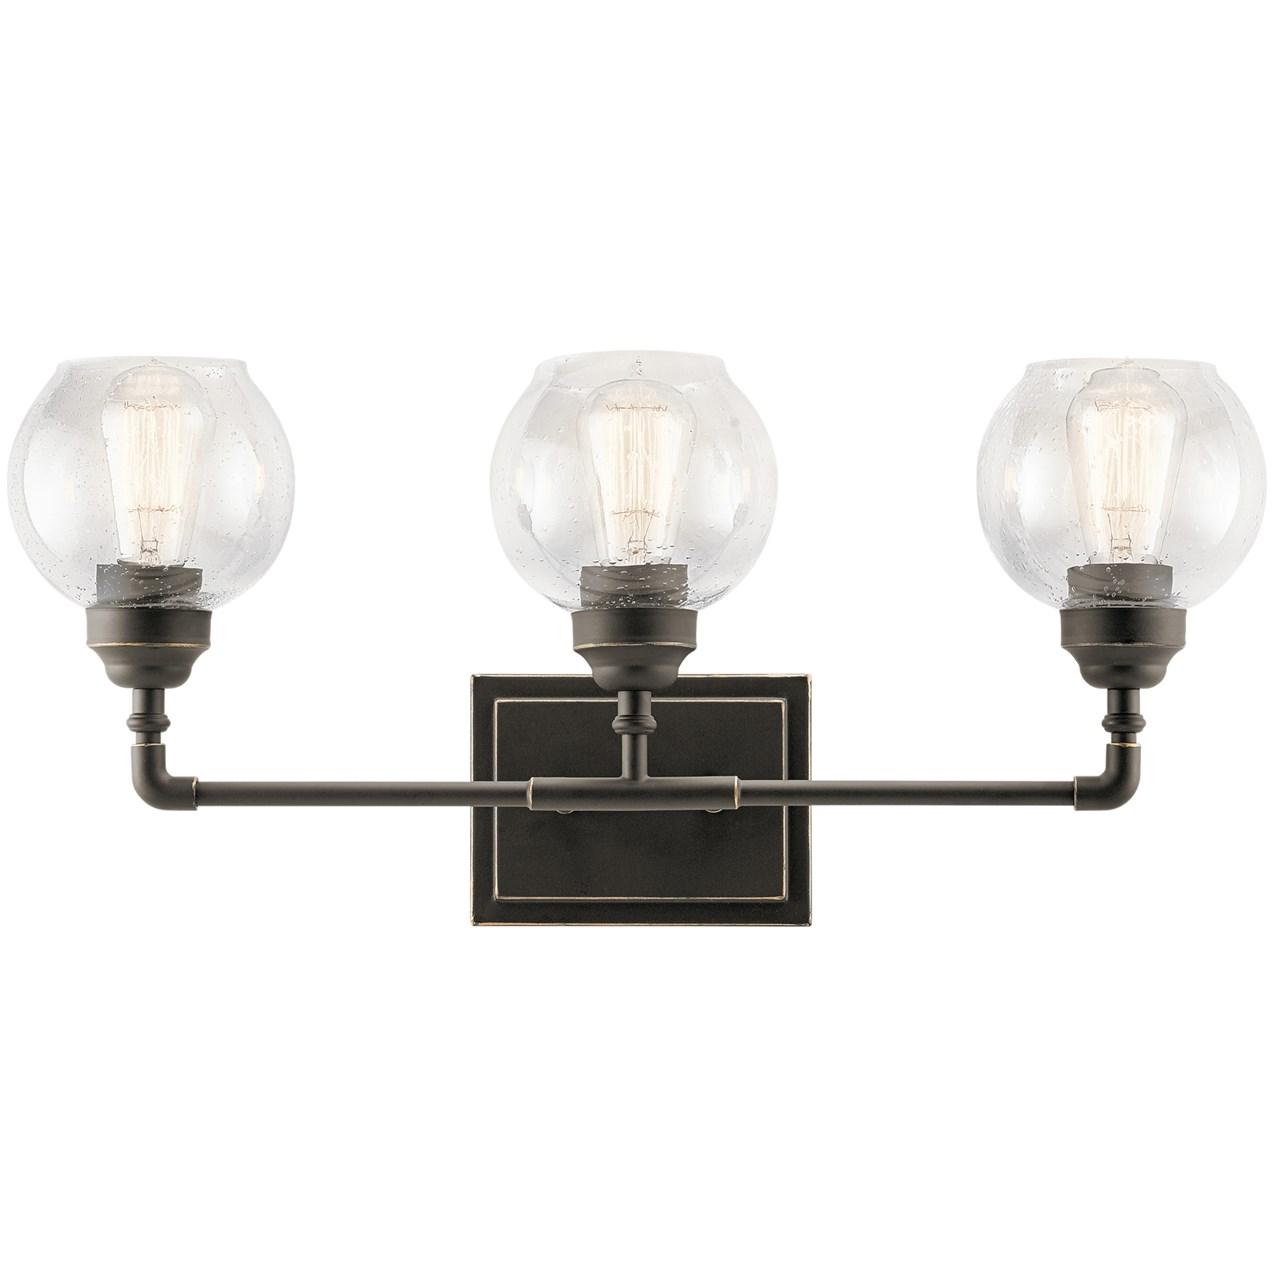 Niles 3 Light Vanity Olde Bronze Kichler Lighting